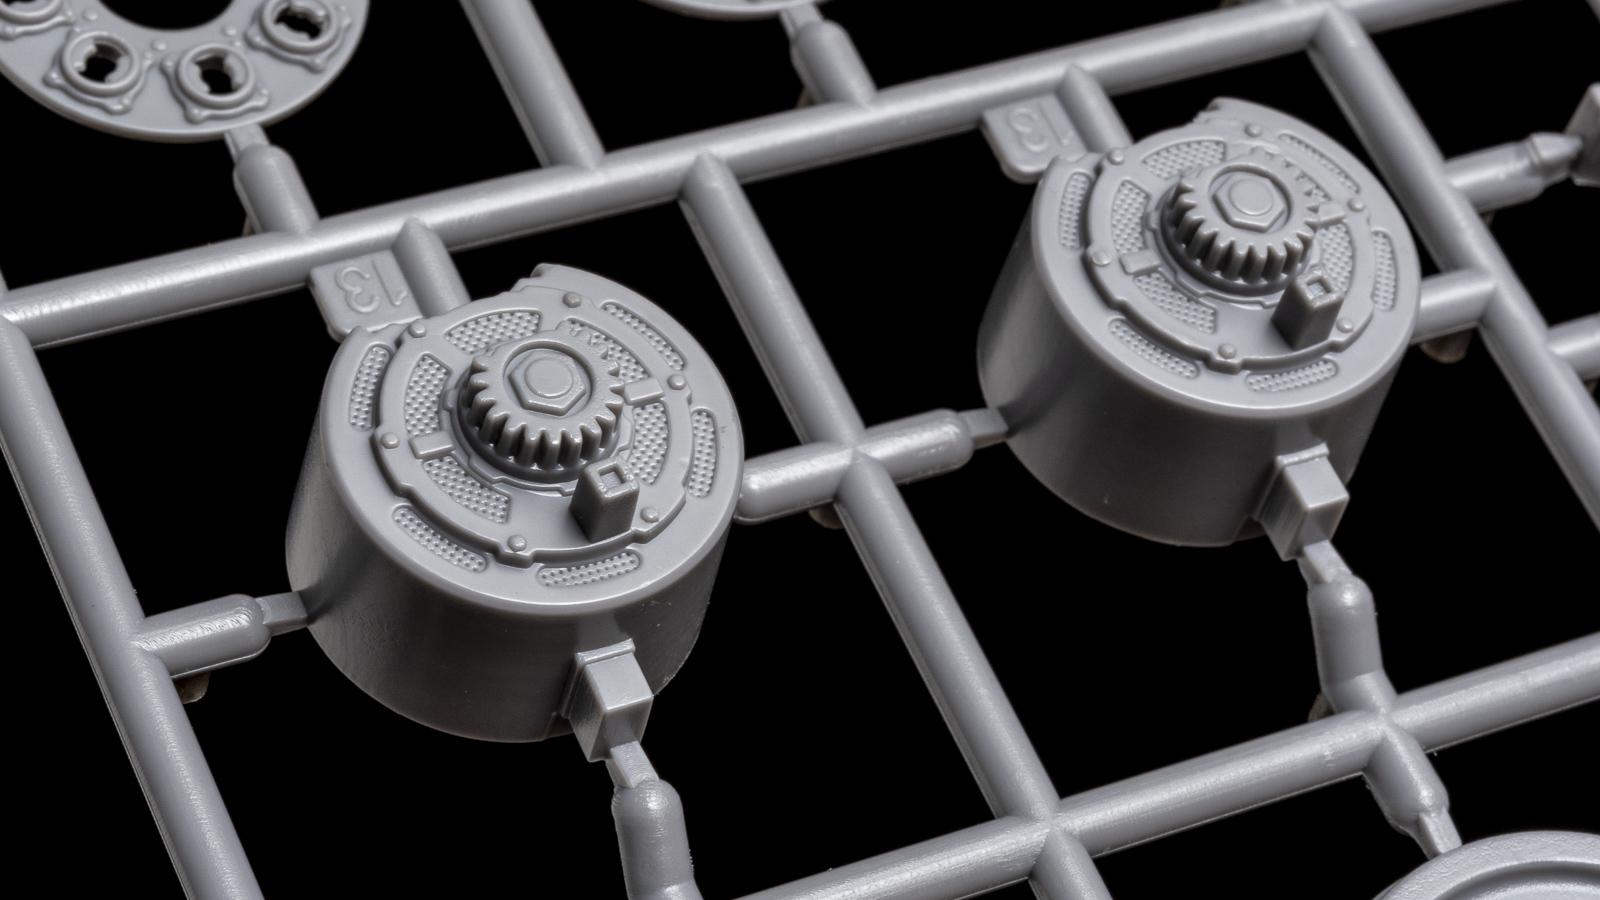 アオシマの放つ「超巨大な電気機関車のプラモデル」、トレミュEF66の細部に迫る【前編】_b0029315_00502511.jpg